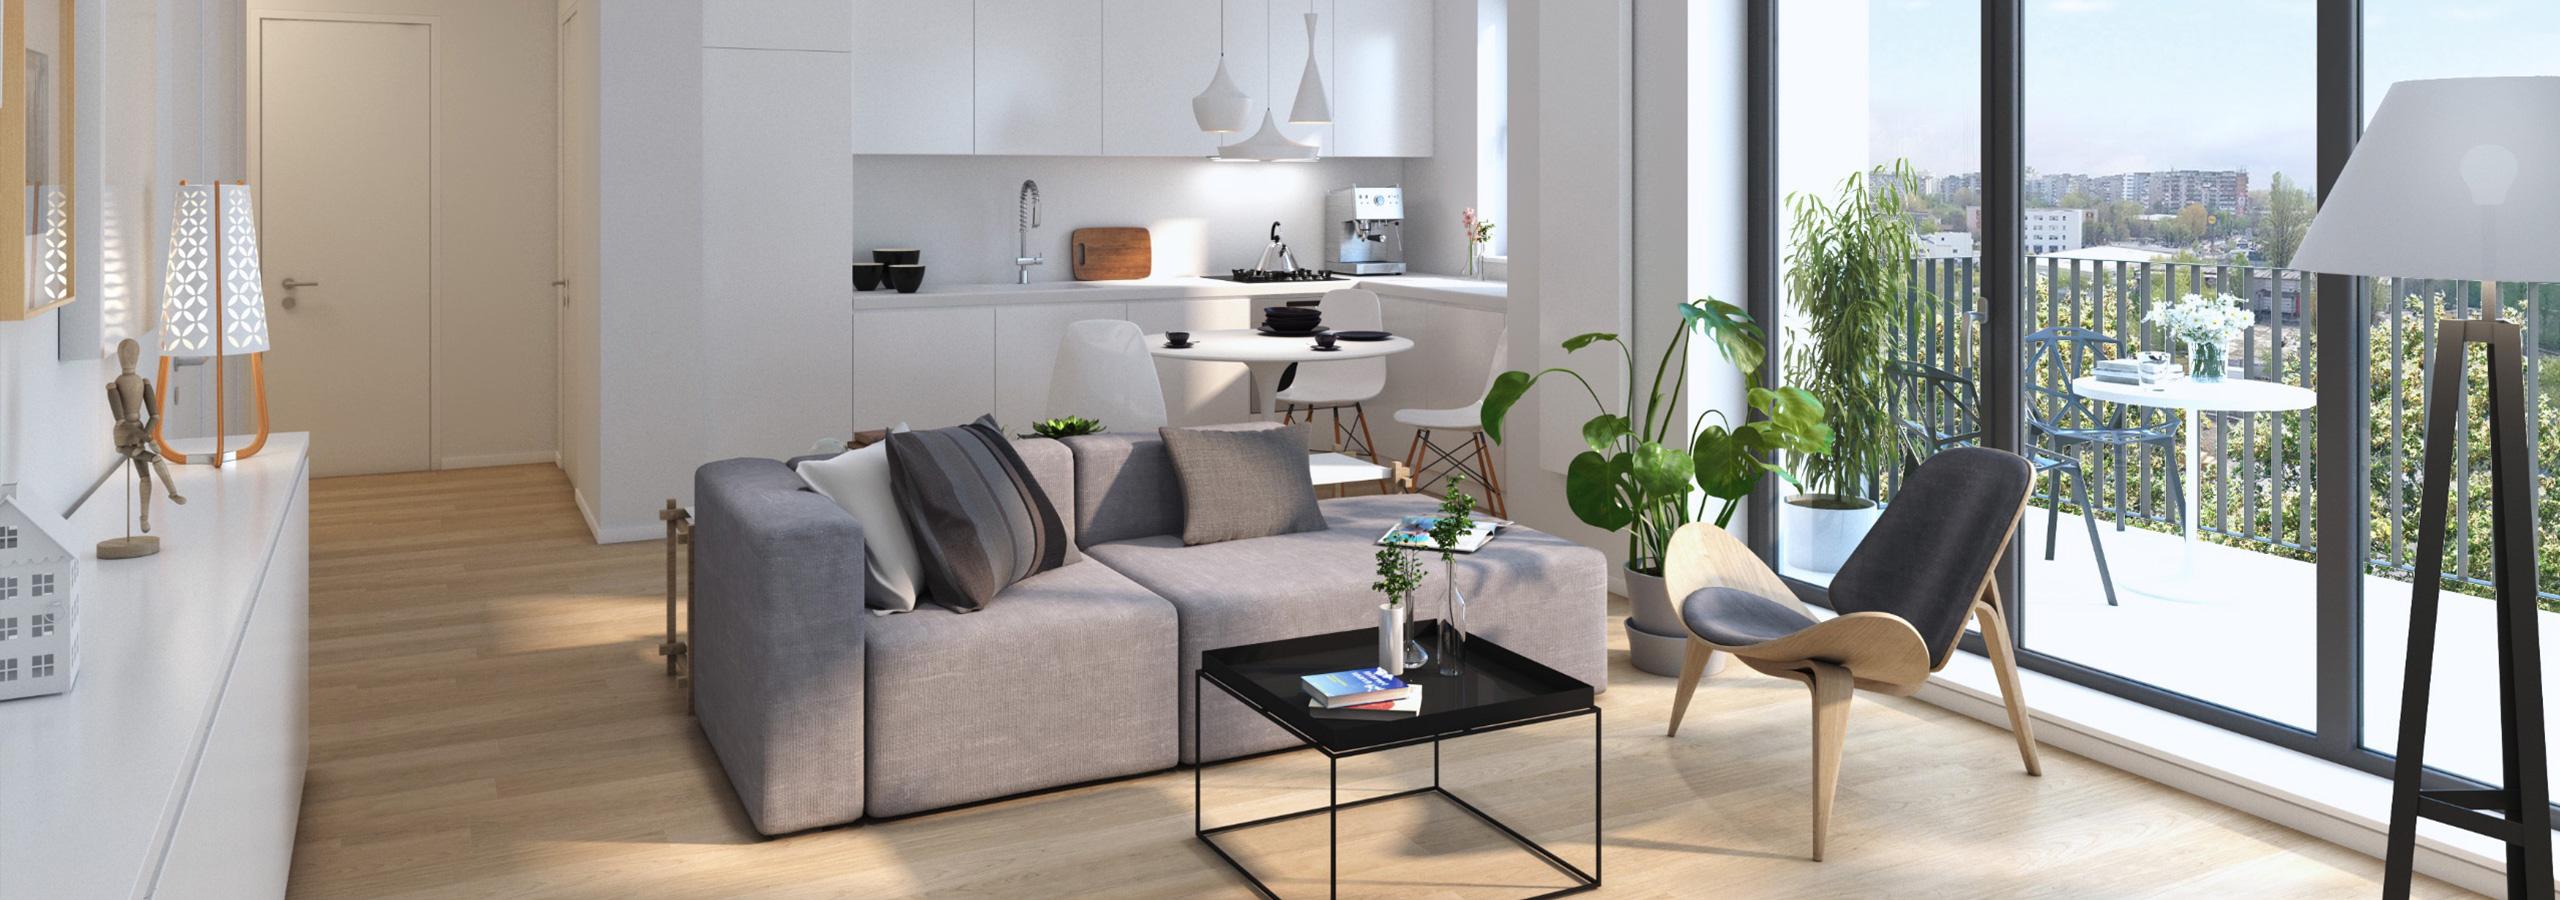 apartament-3-camere-titan